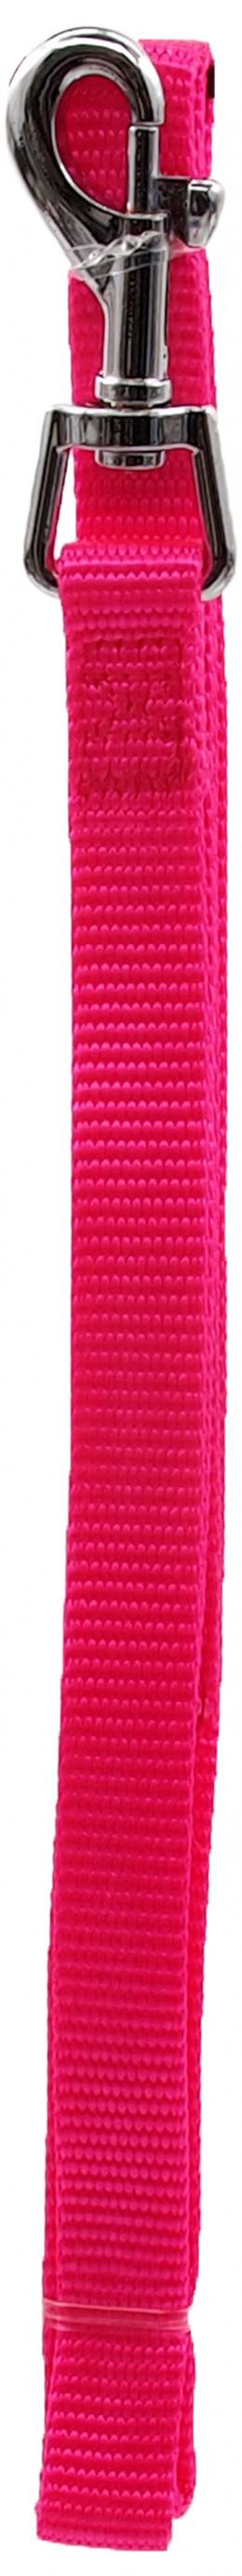 Поводок – Dog Fantasy Classic Neilona S, 15 мм, 120 см, цвет - розовый